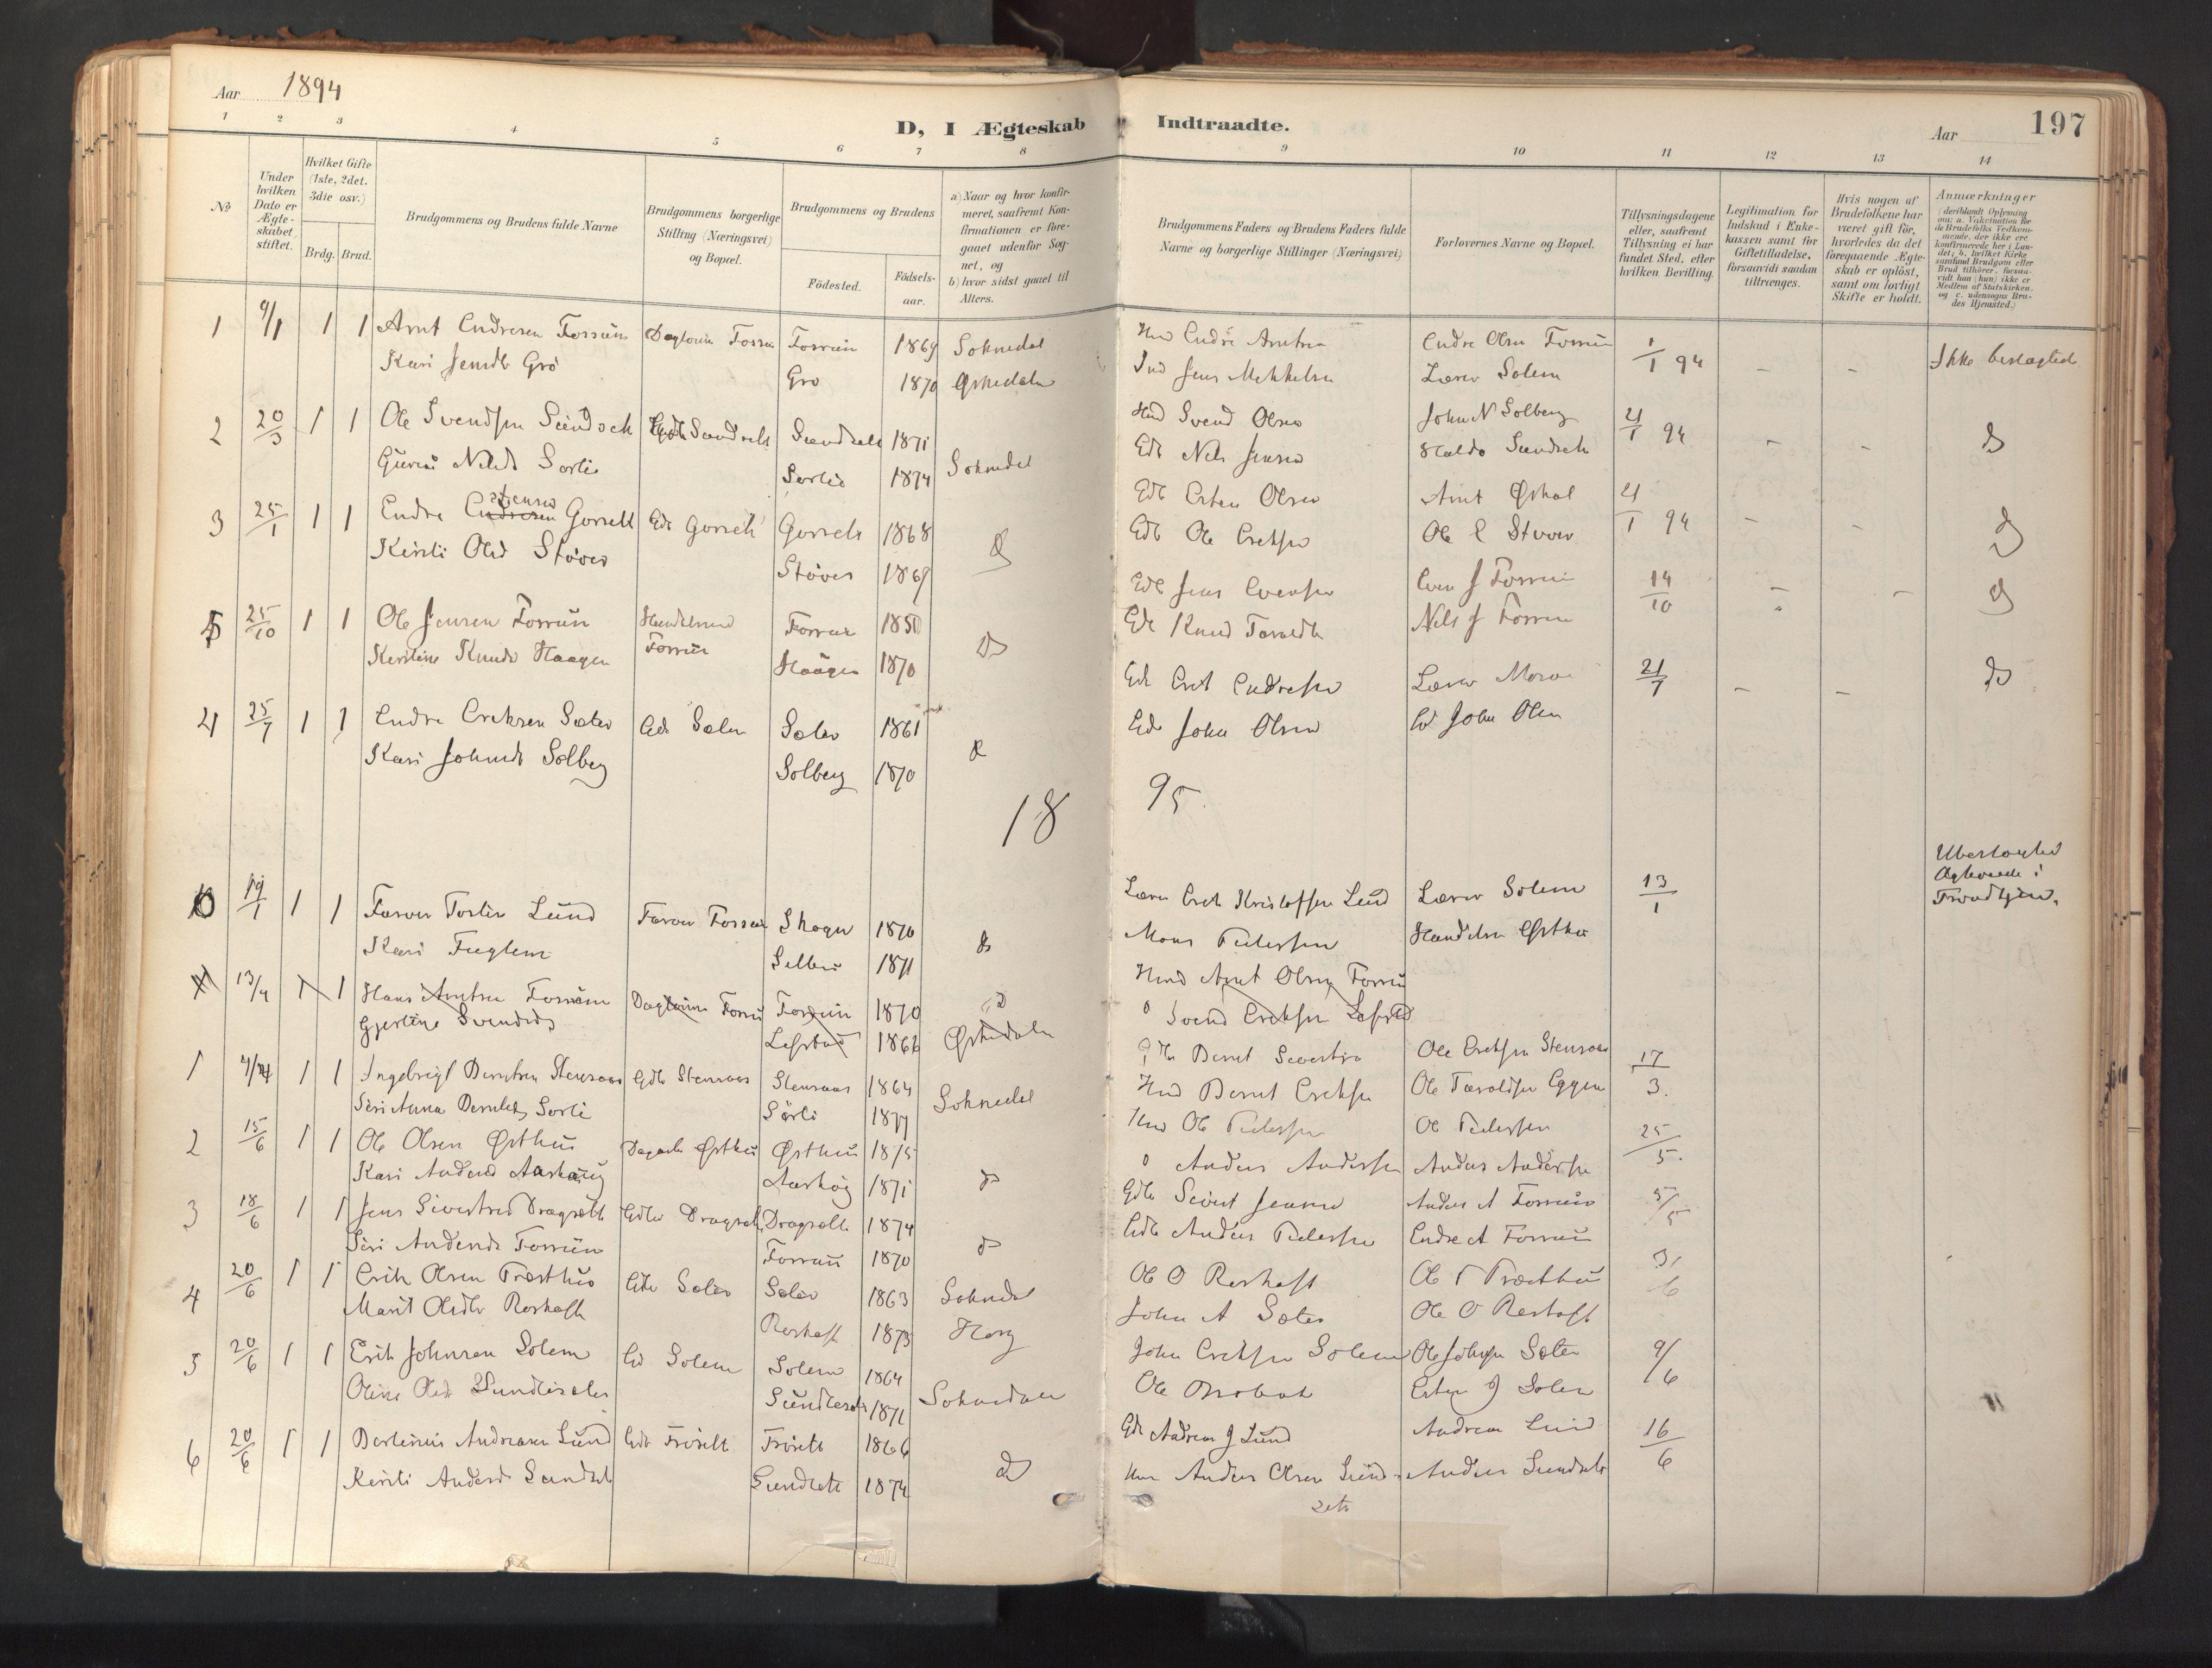 SAT, Ministerialprotokoller, klokkerbøker og fødselsregistre - Sør-Trøndelag, 689/L1041: Ministerialbok nr. 689A06, 1891-1923, s. 197